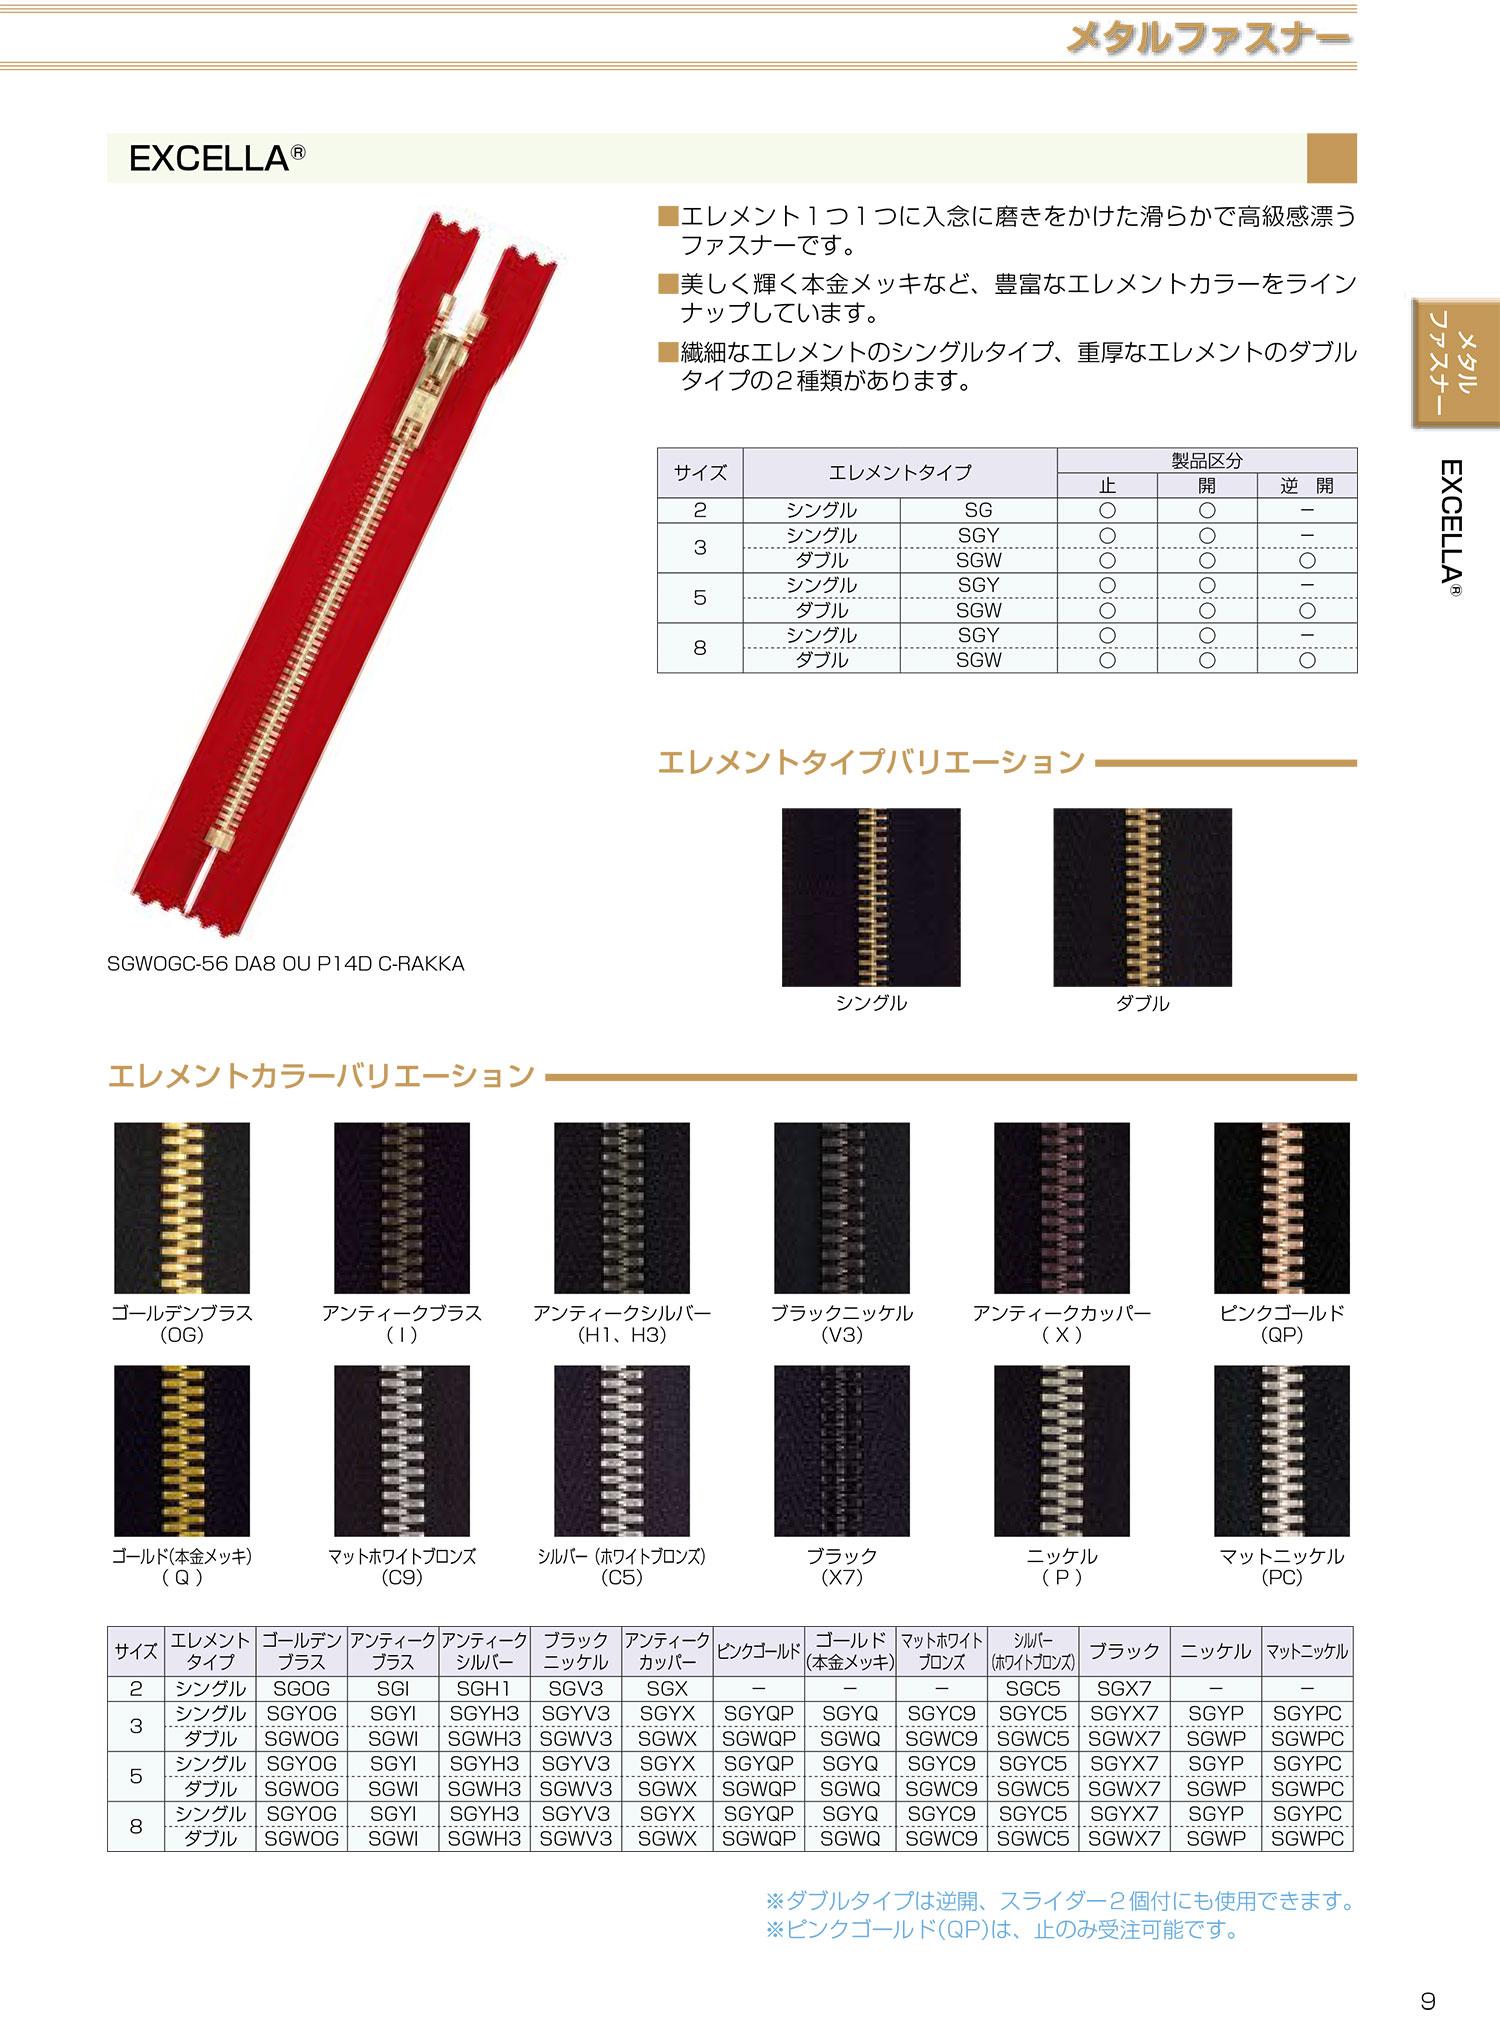 3SGWC5C エクセラ 3サイズ シルバー(ホワイトブロンズ) 止め ダブル[ファスナー] YKK/オークラ商事 - ApparelX アパレル資材卸通販